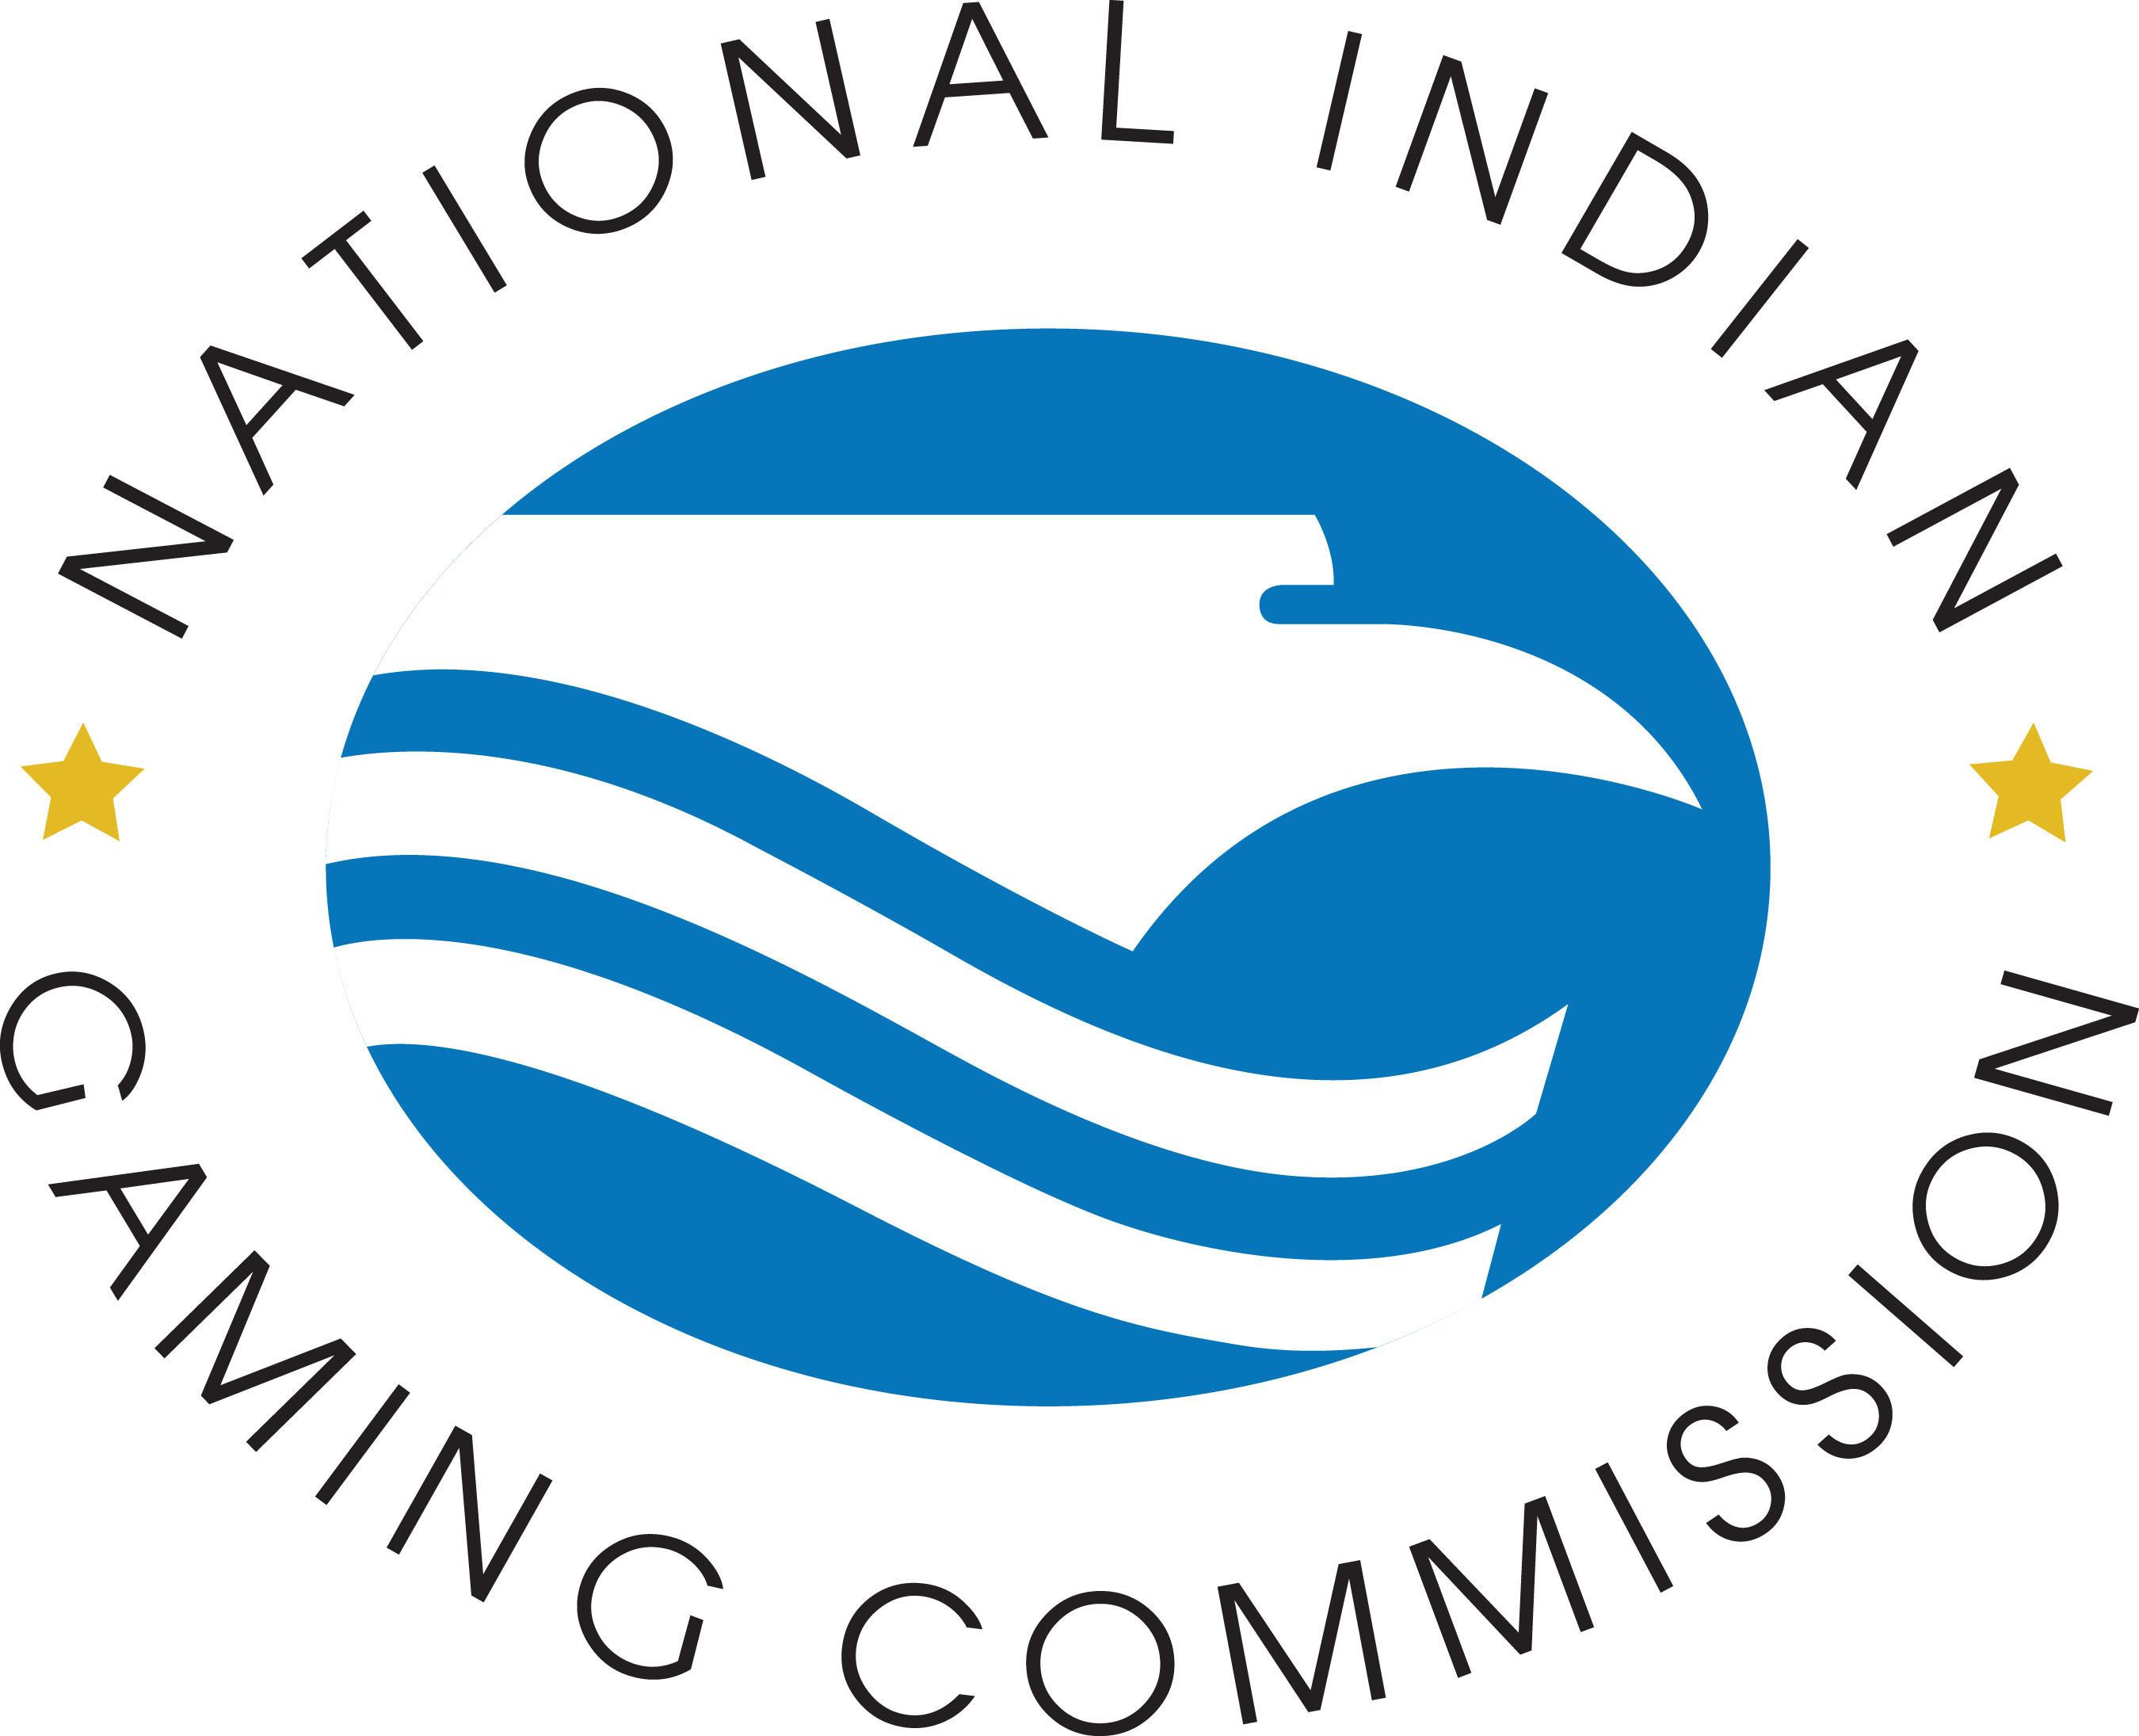 NIGC Seal